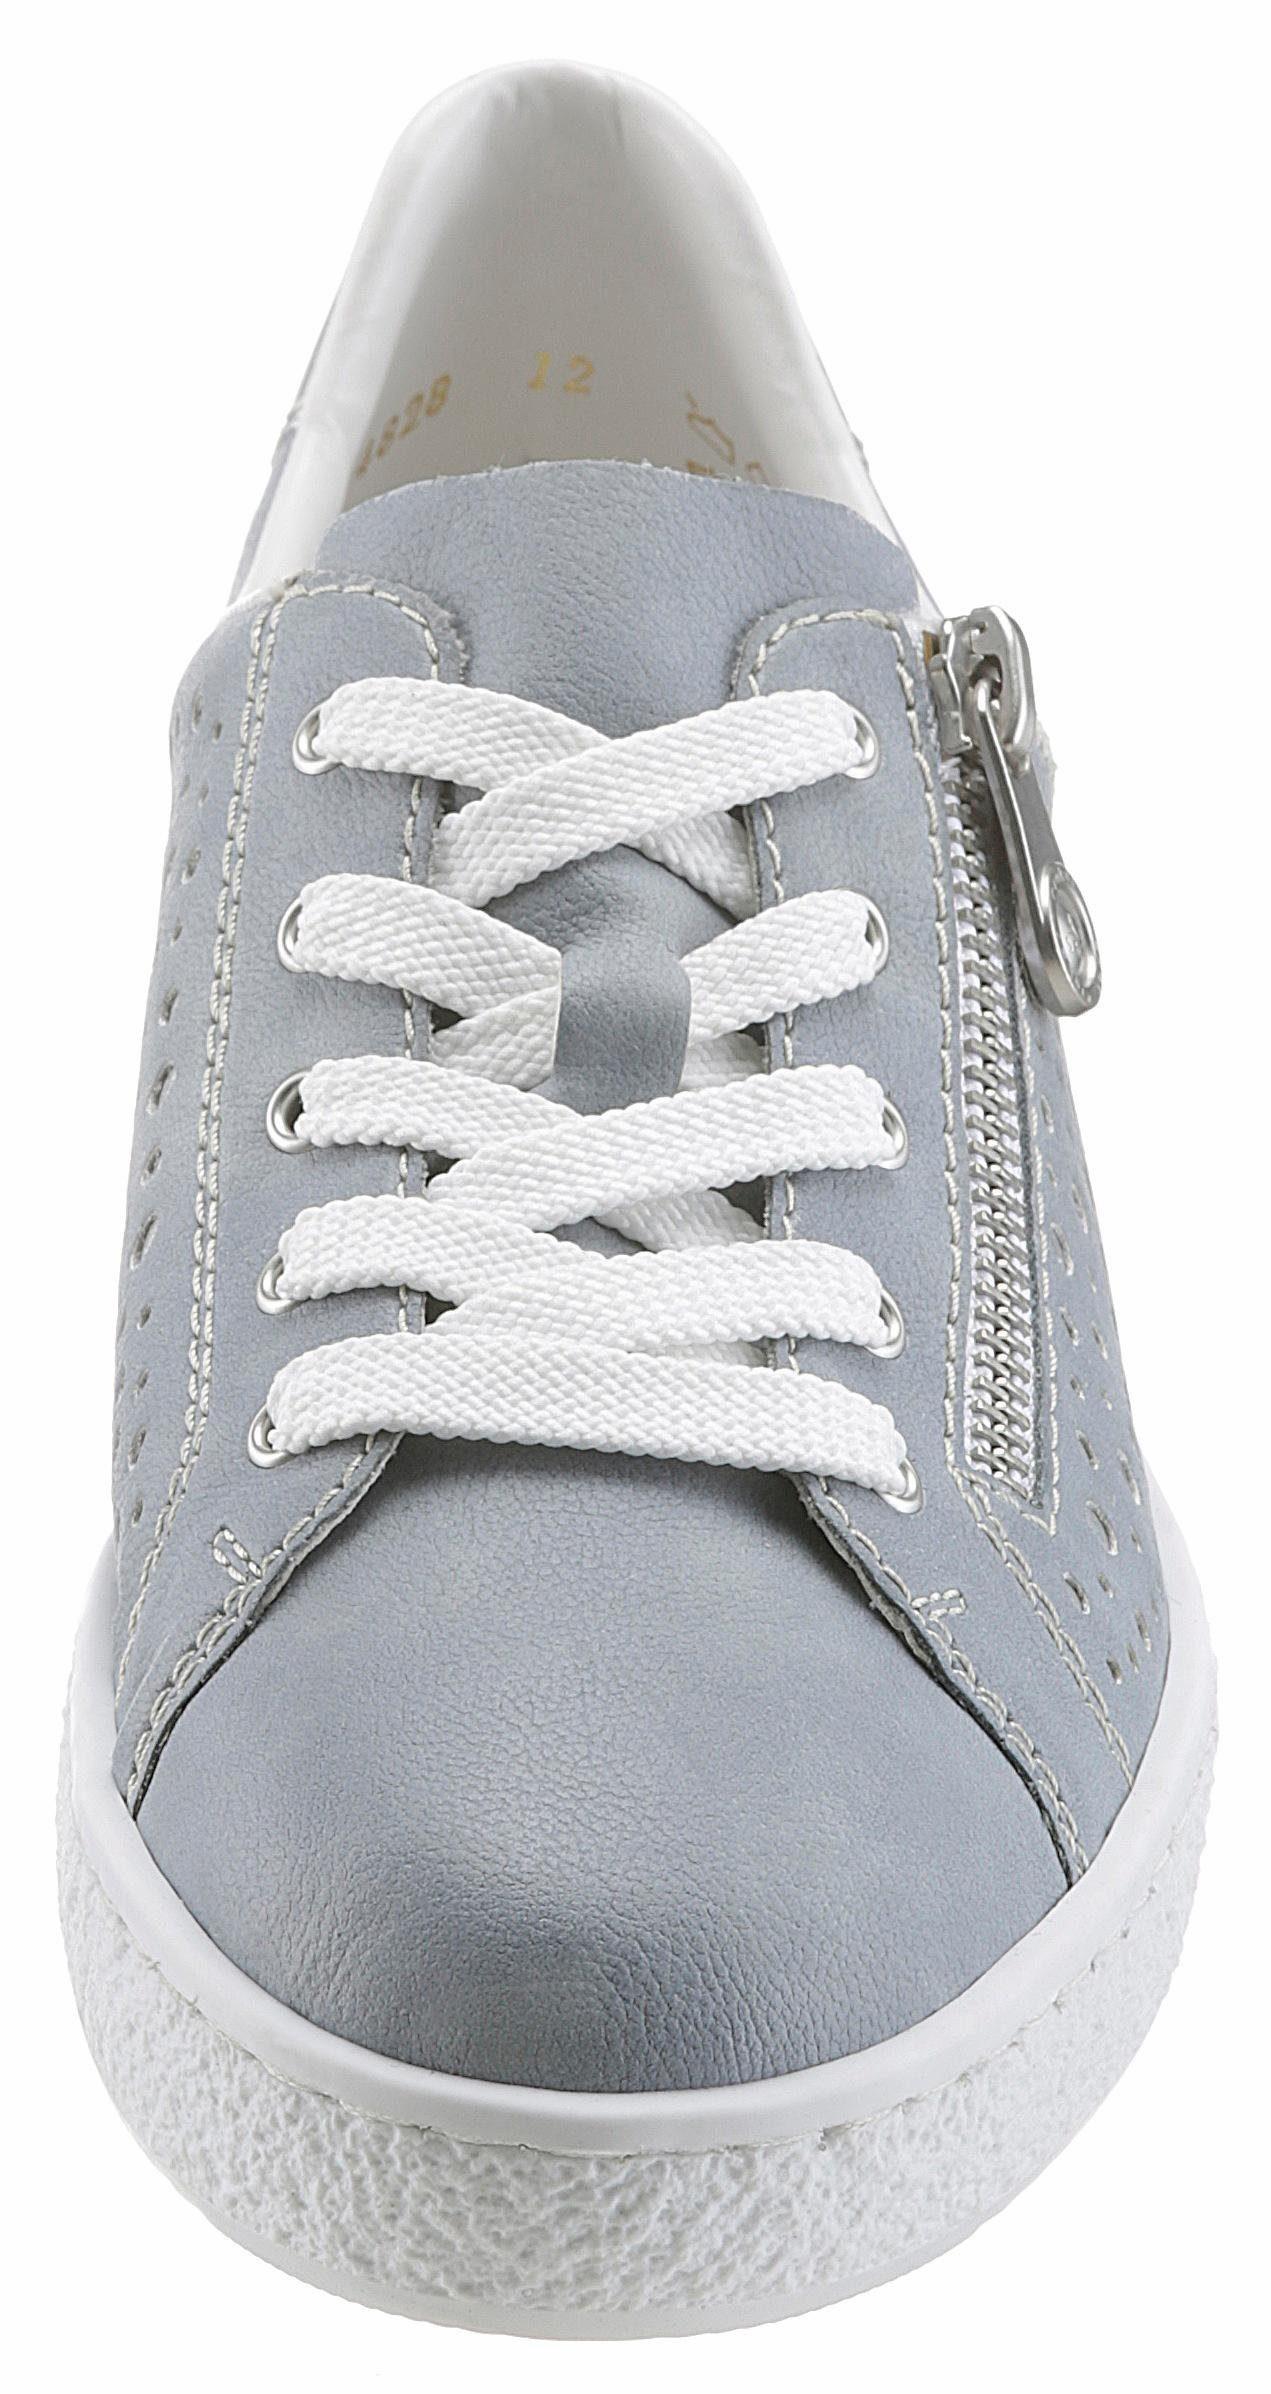 Rieker Sneaker, mit Zierreißverschluss kaufen  graublau-silberfarben